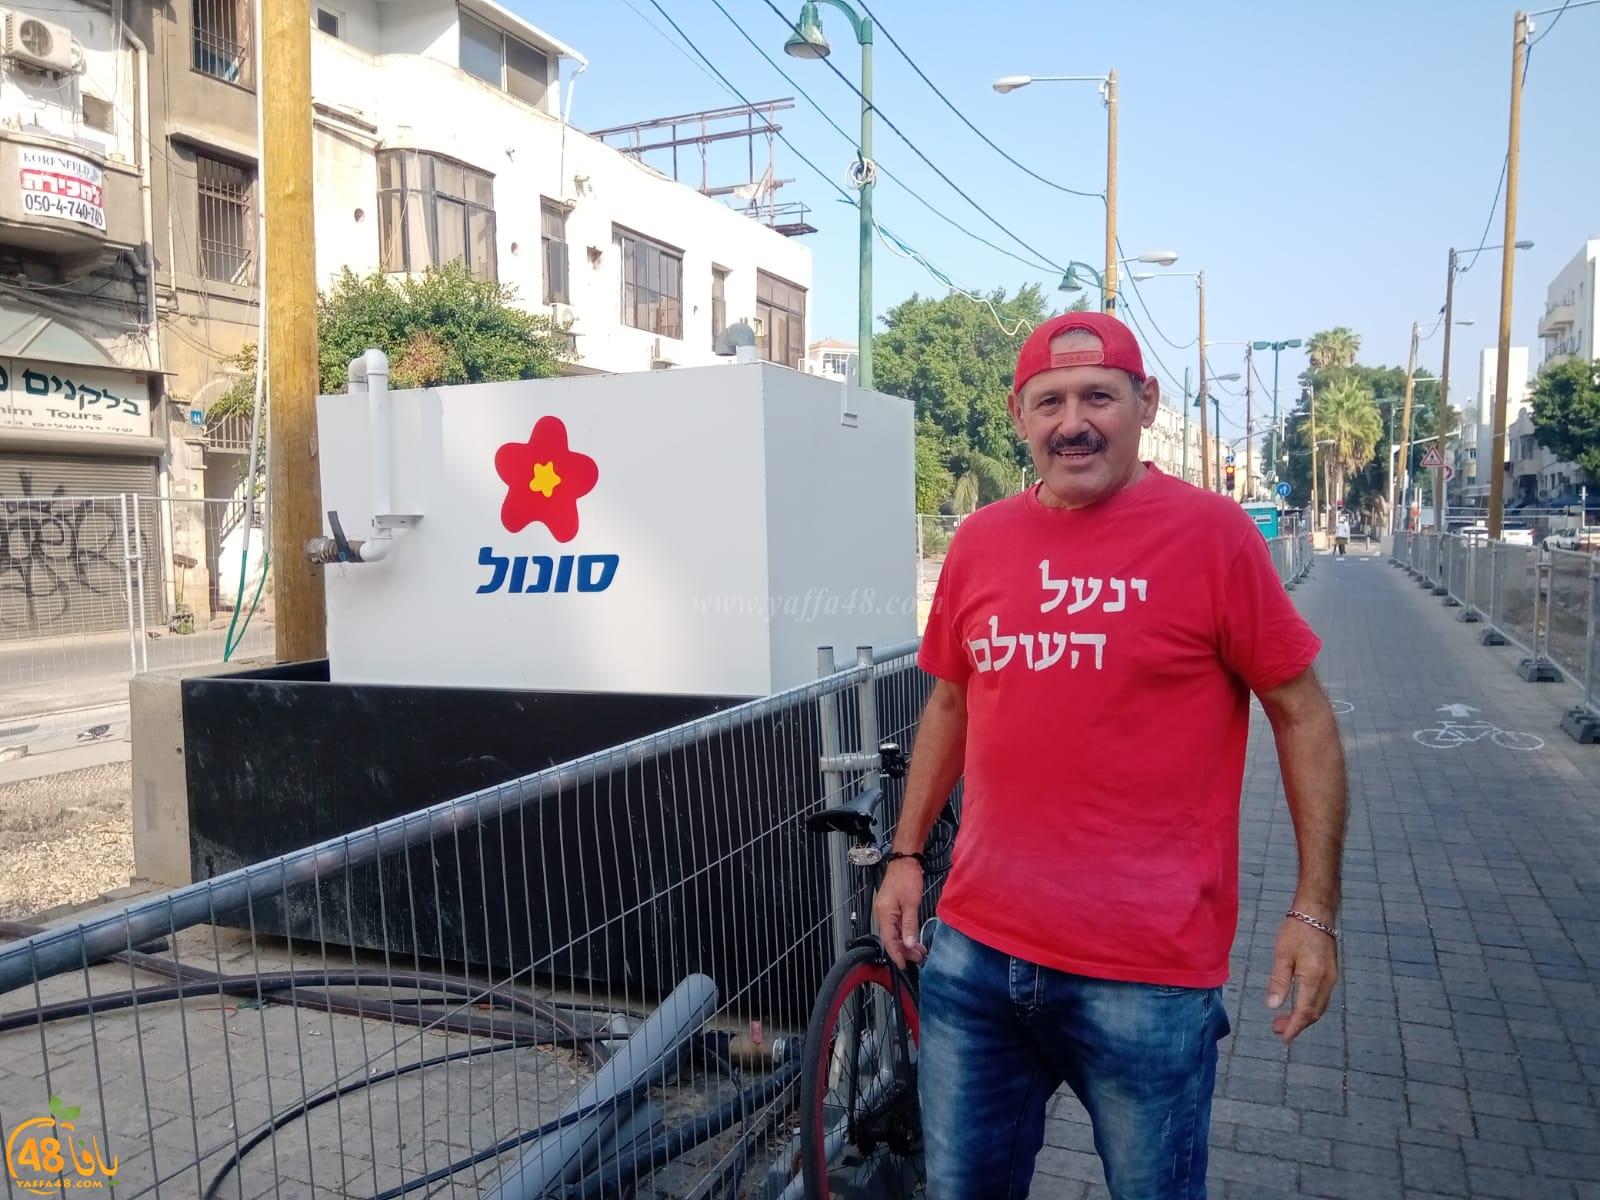 المواطن أبو إسماعيل شقرة من يافا: راكب درّاجة دهسني بشارع النزهة، ولم يقدّم لي المساعدة